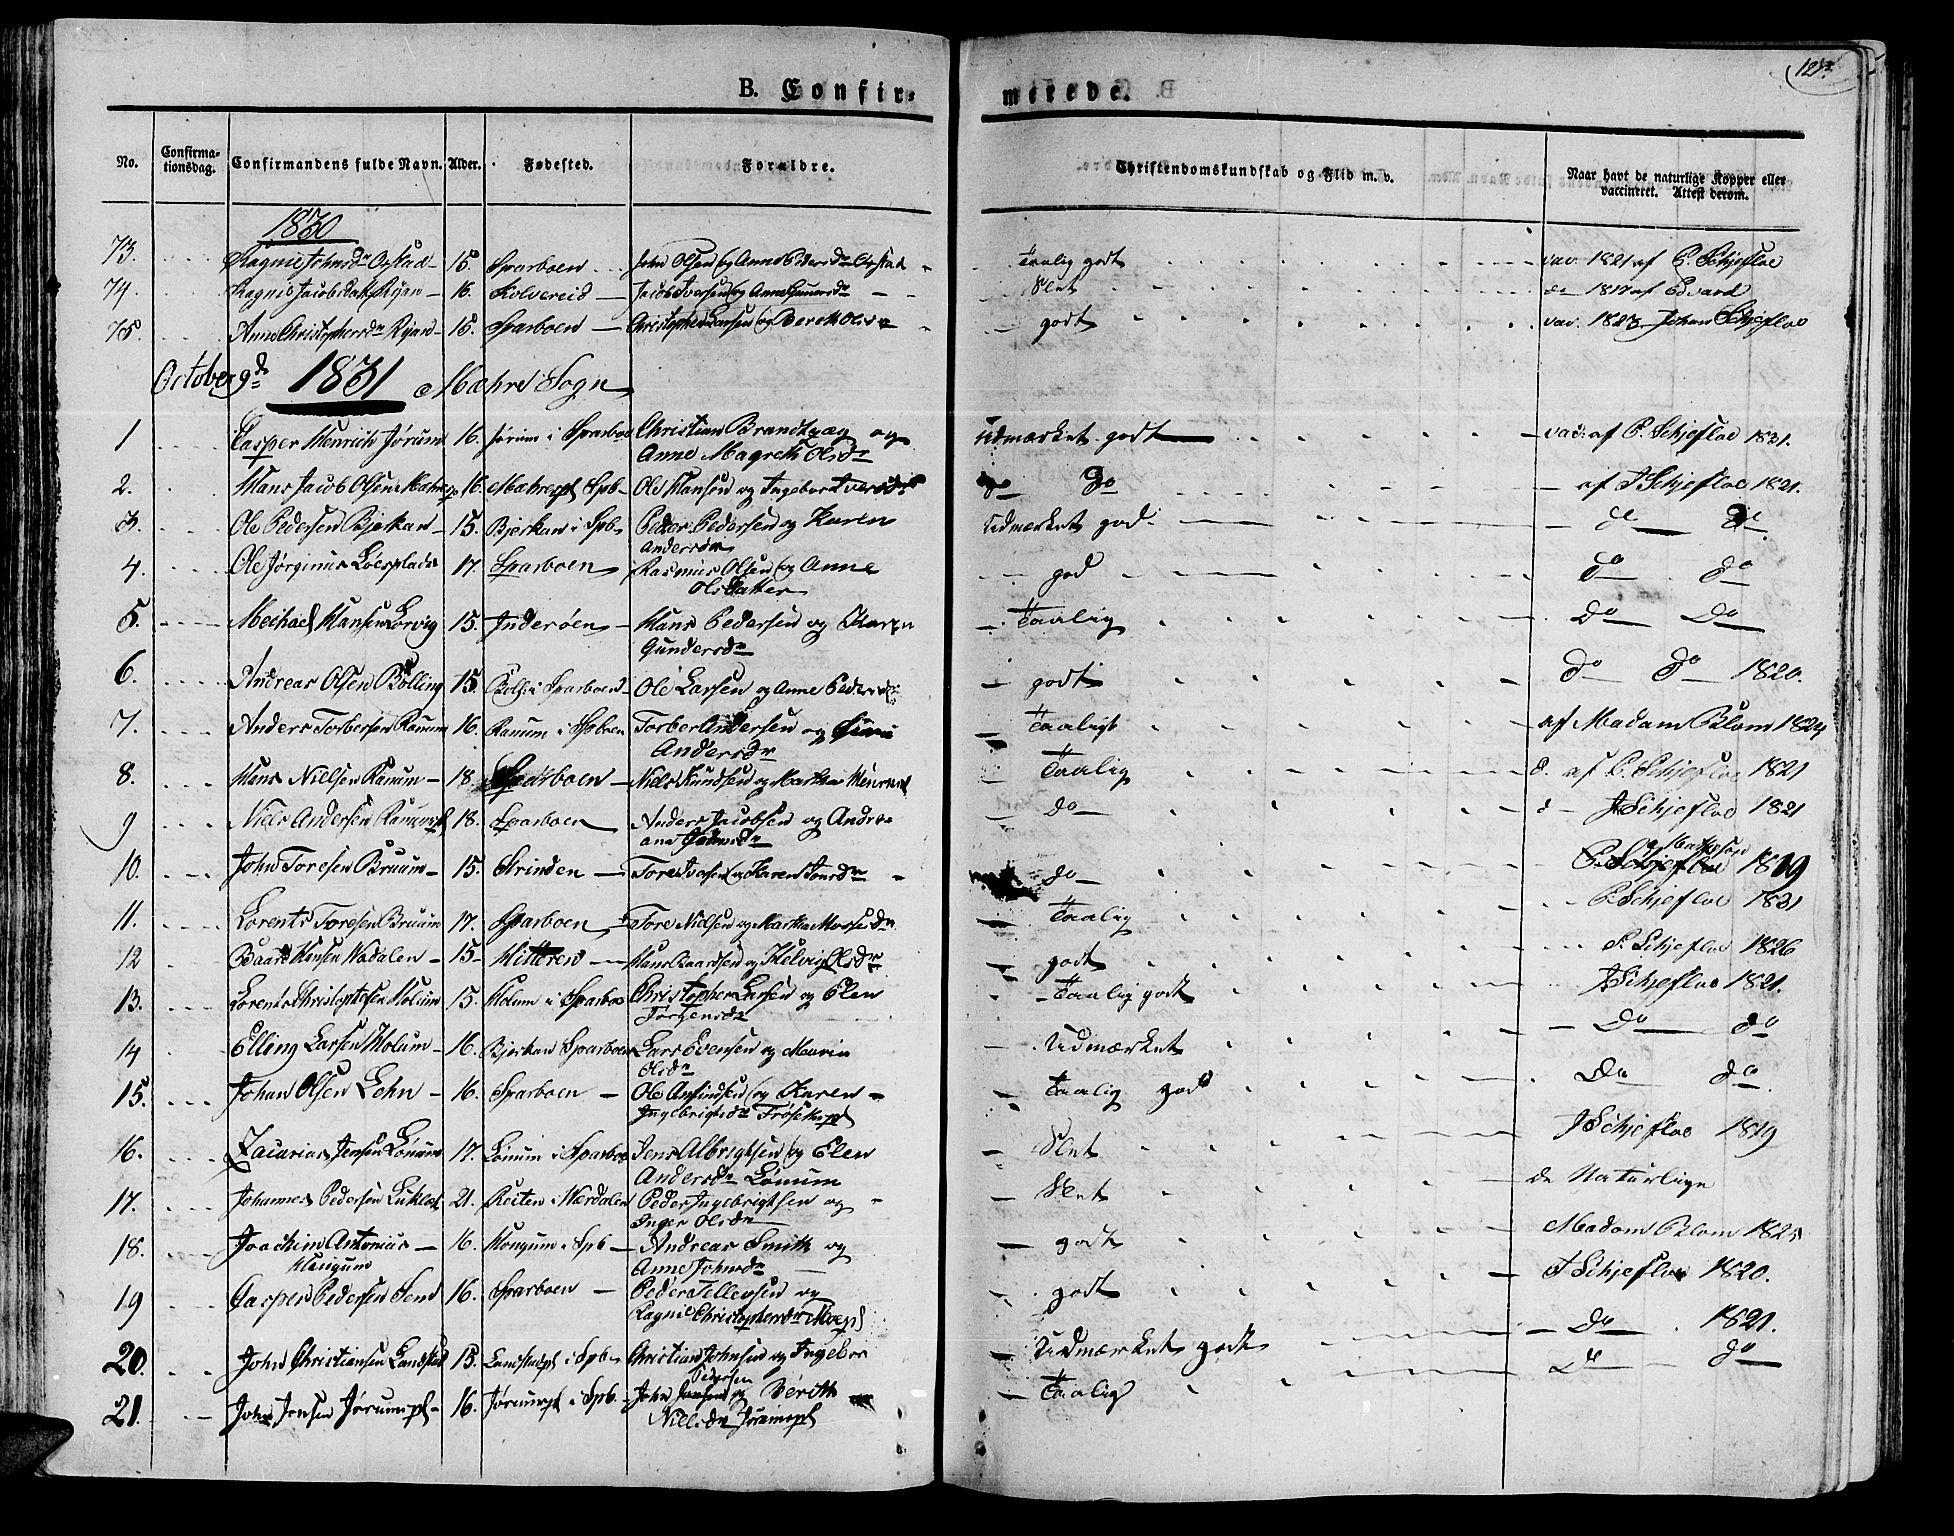 SAT, Ministerialprotokoller, klokkerbøker og fødselsregistre - Nord-Trøndelag, 735/L0336: Ministerialbok nr. 735A05 /1, 1825-1835, s. 123